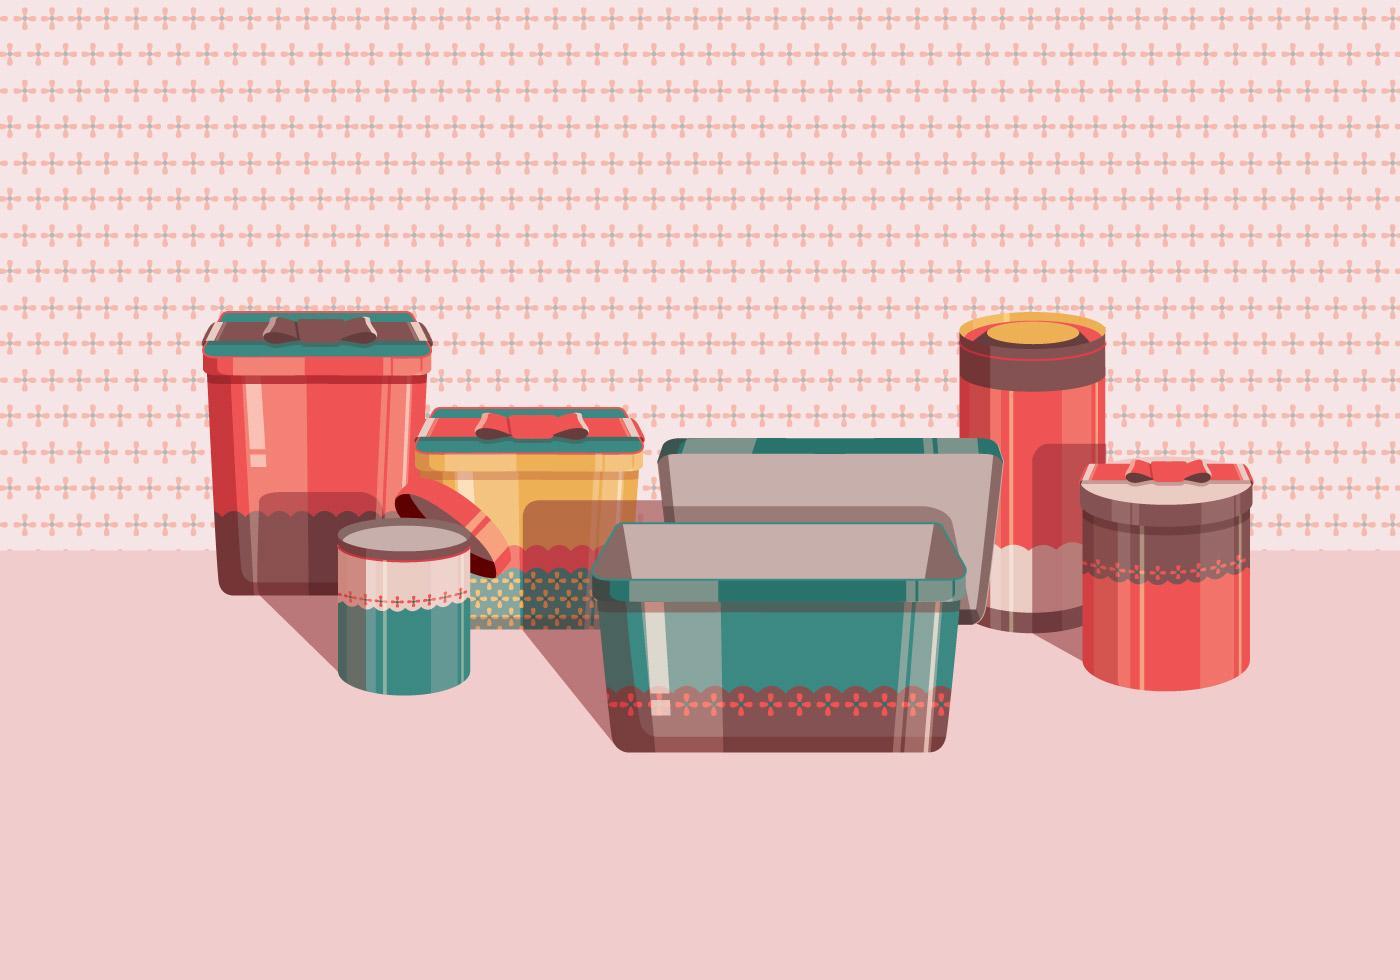 [矢量]可爱风格罐盒设计 | 罐子 | 盒子 | 矢量图插图-泛设计